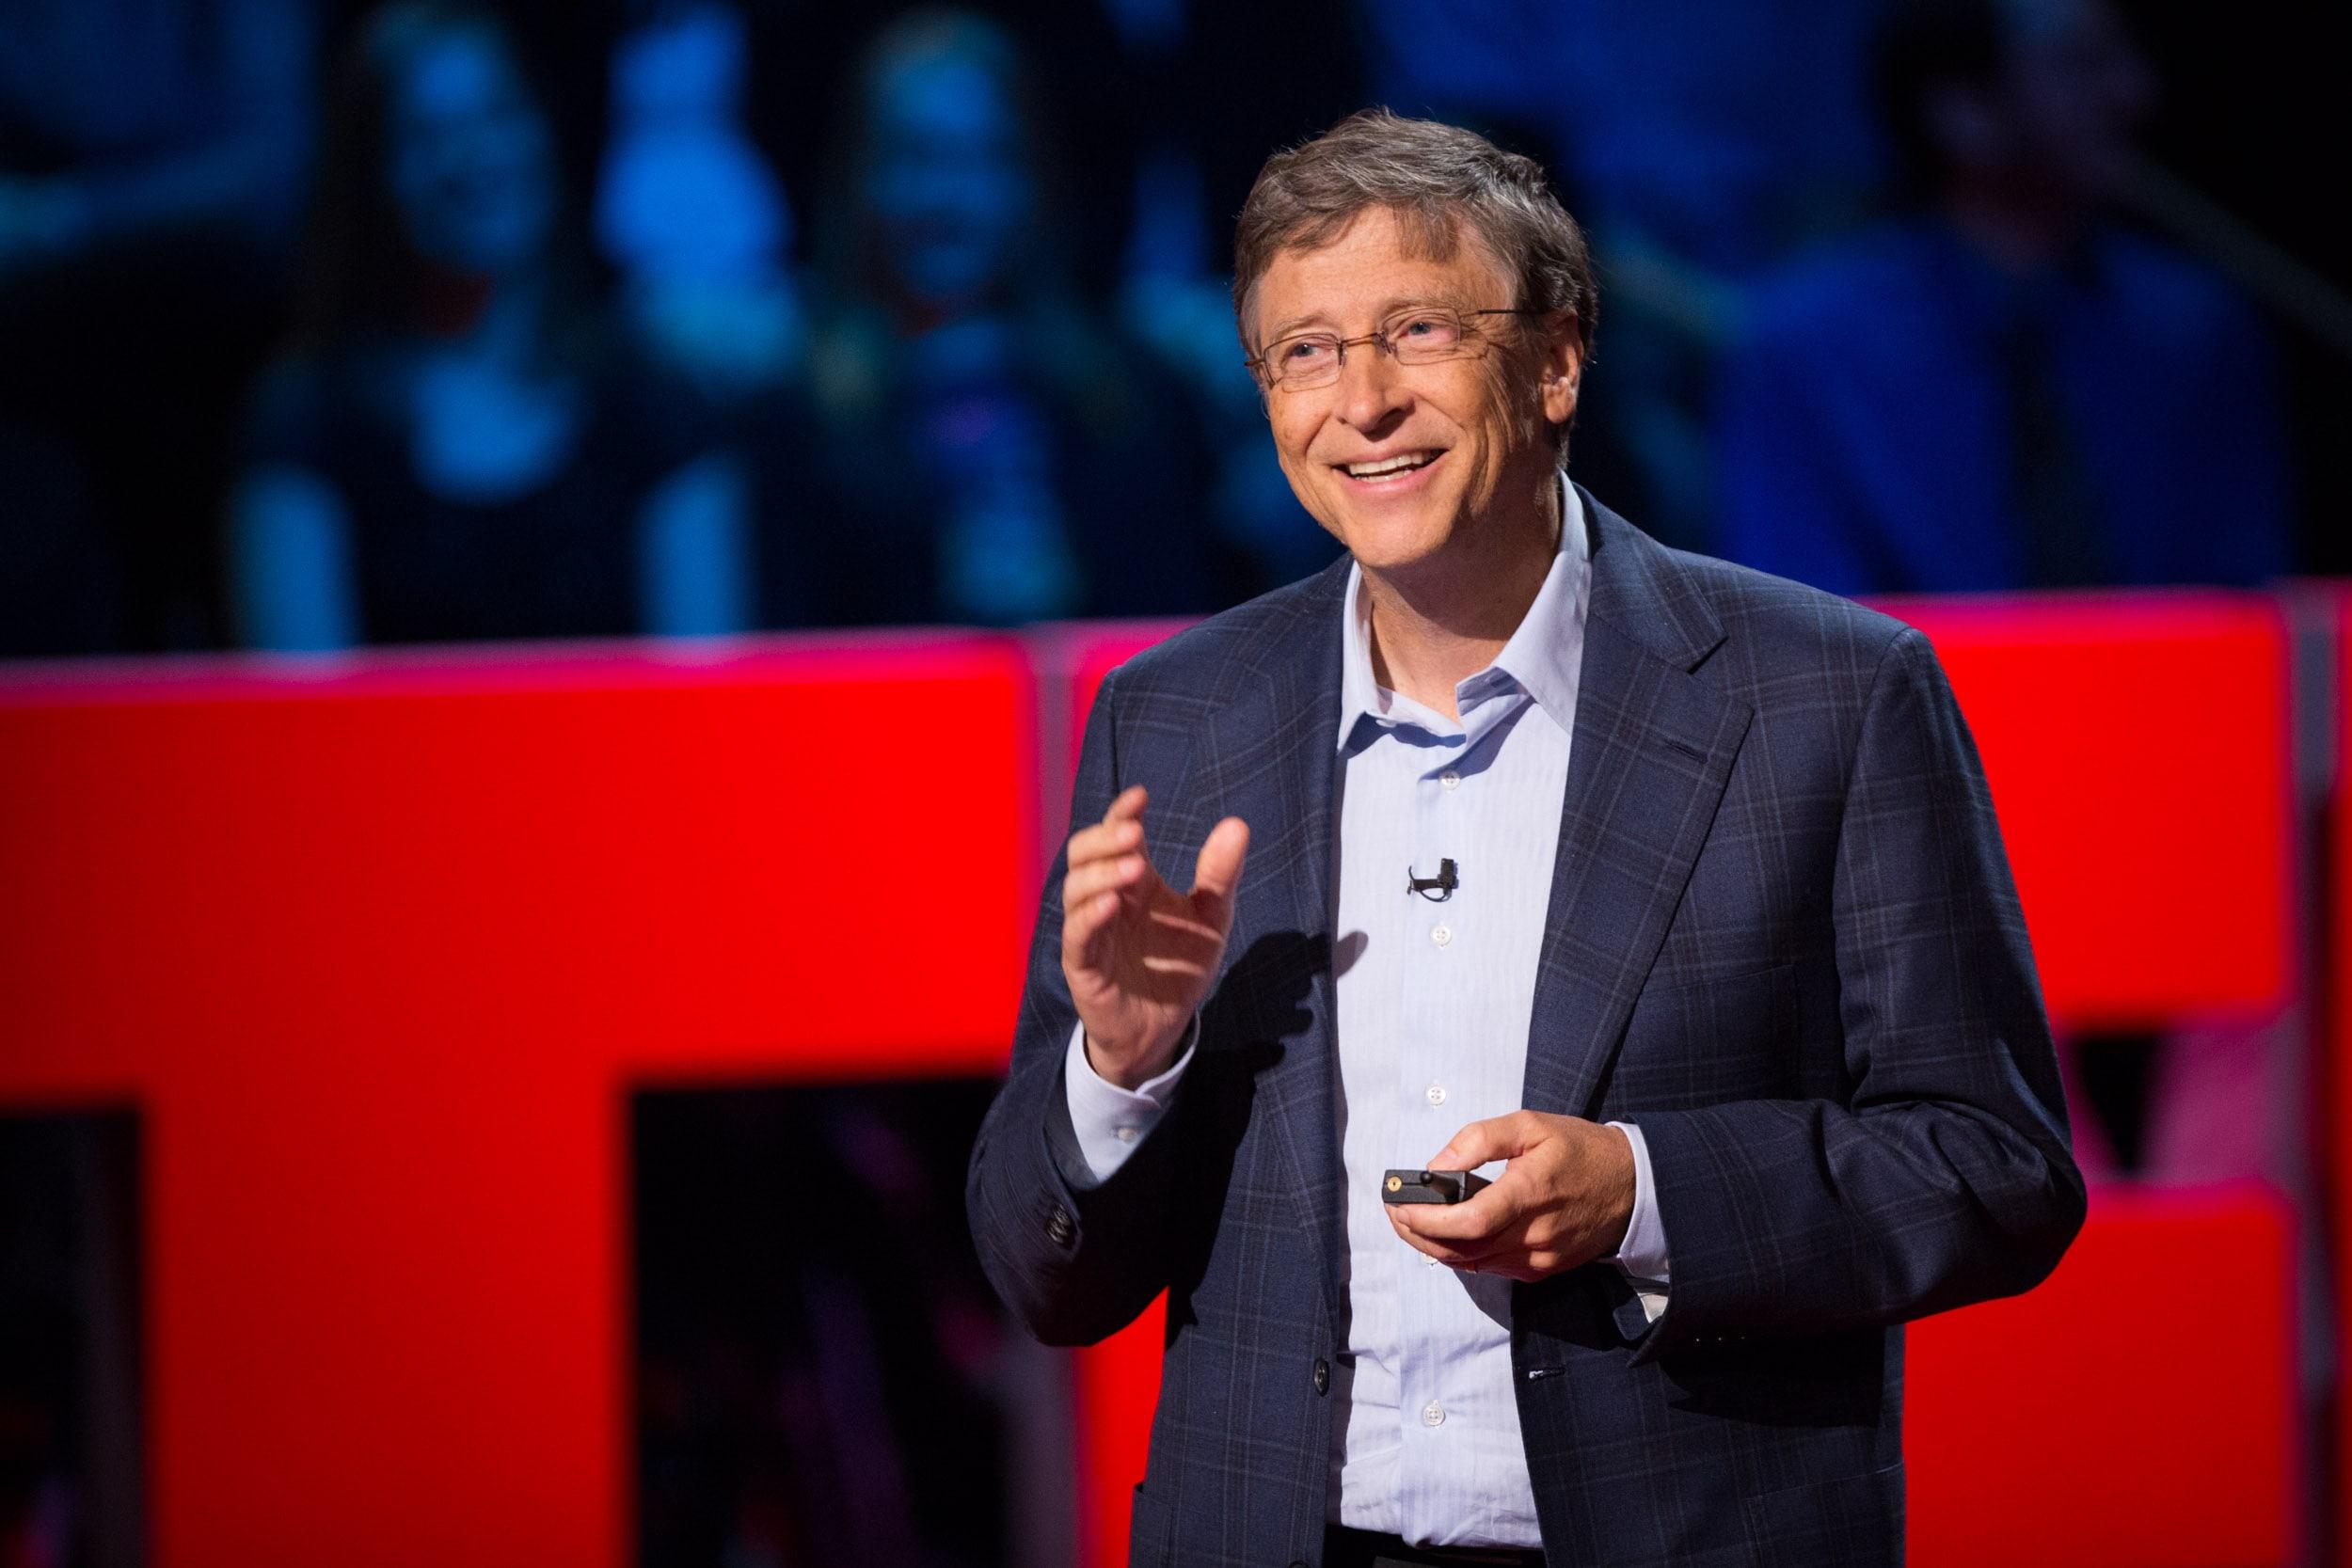 Выступление Билл Гейтса на площадке ted